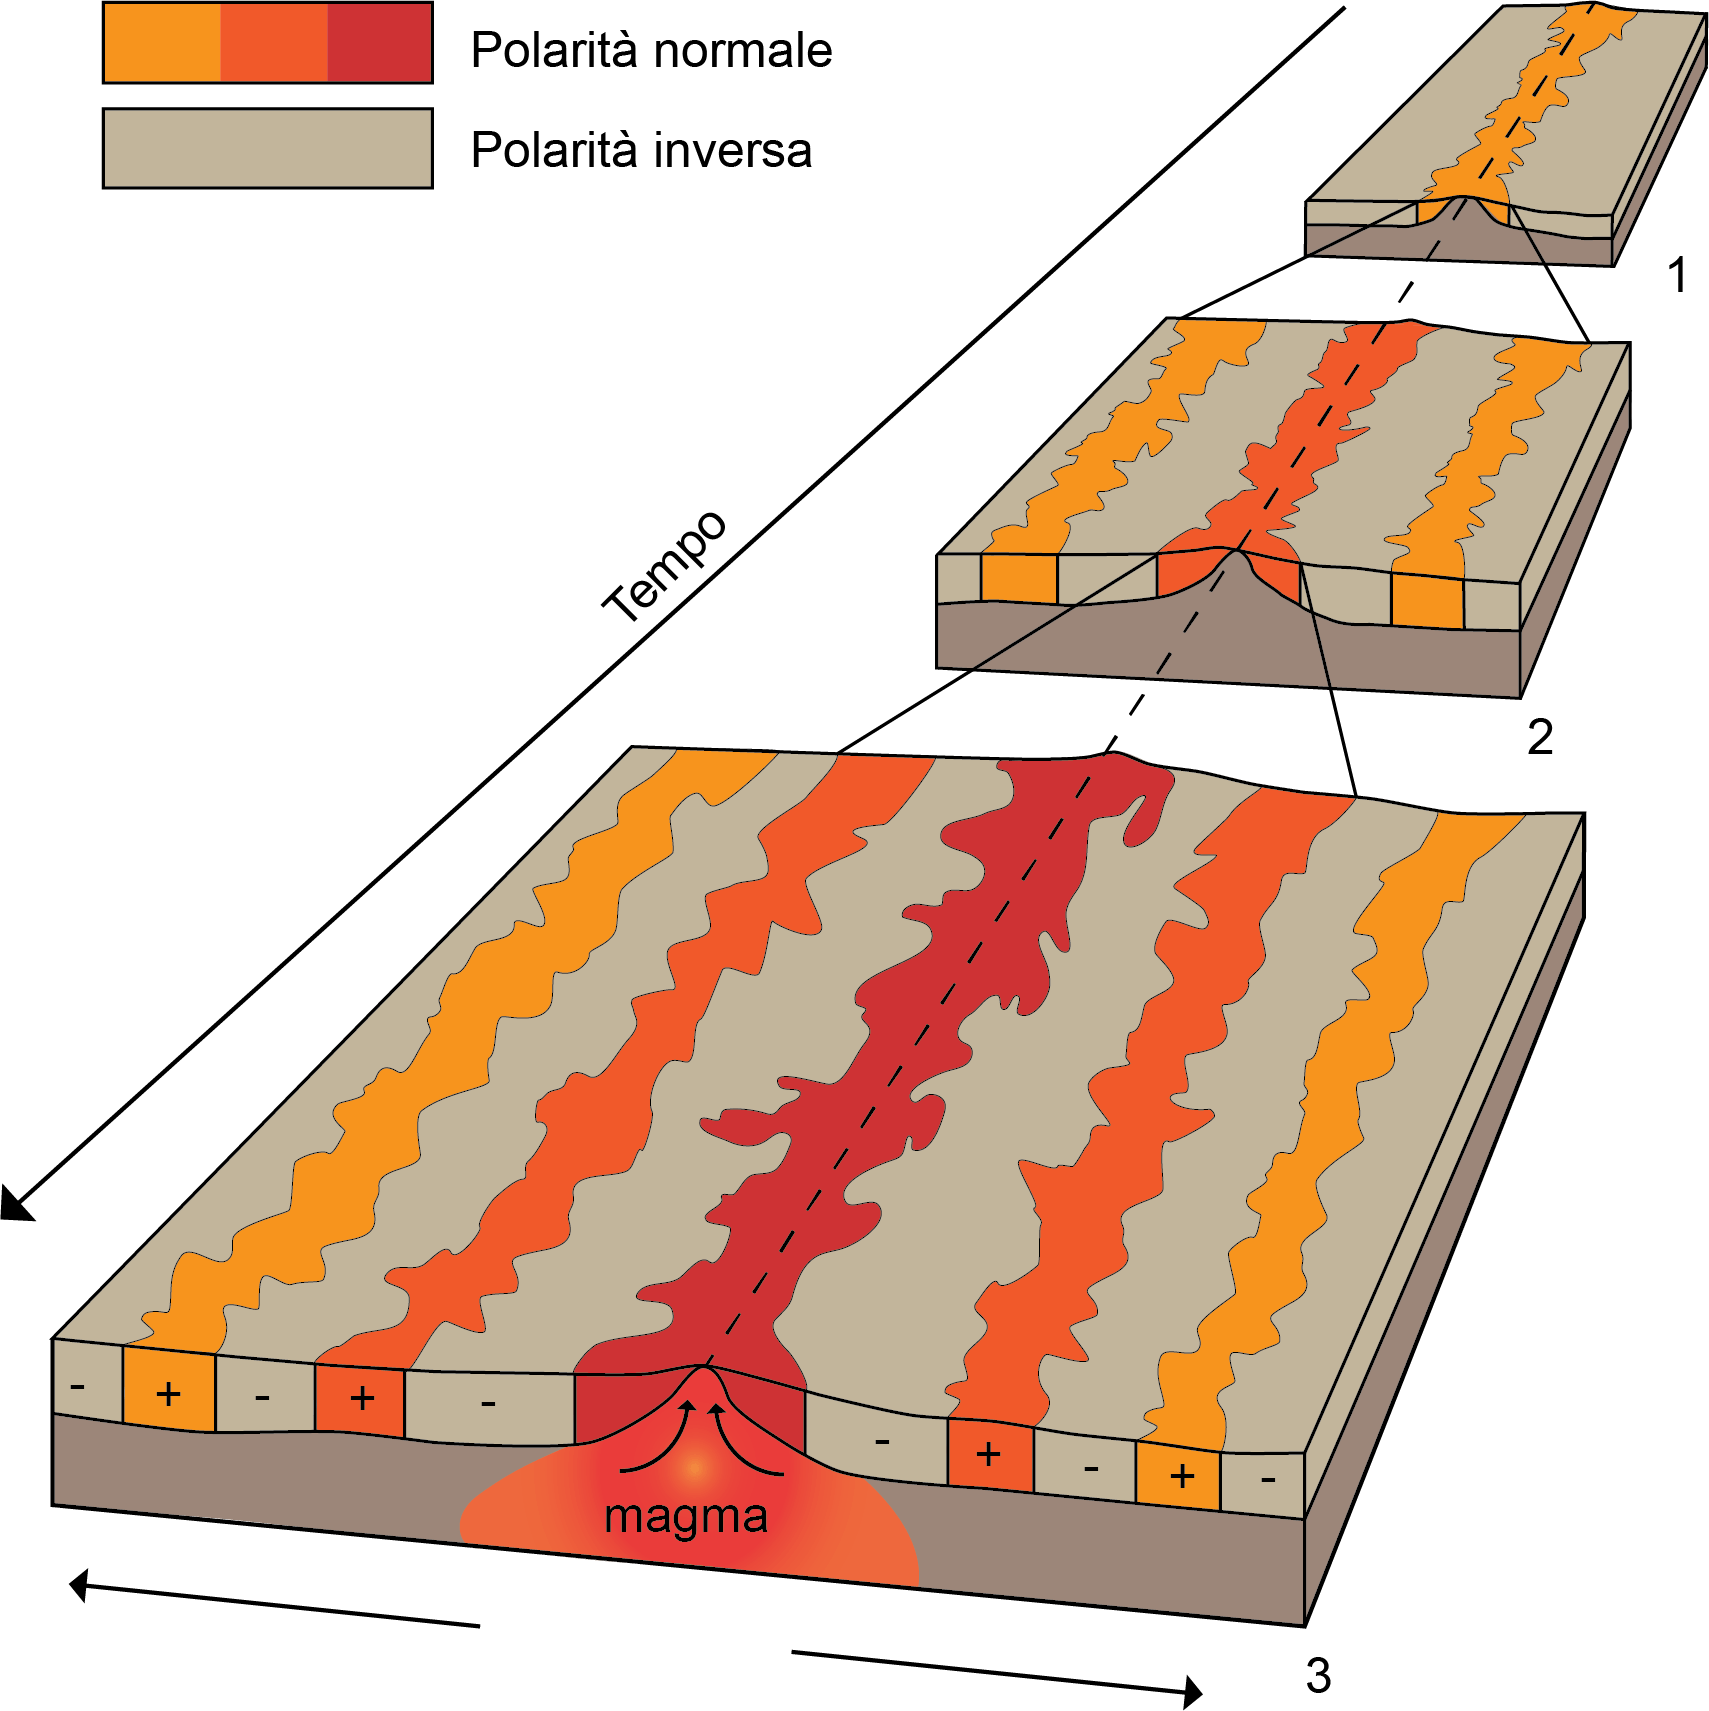 la datazione paleomagnetica si basa su